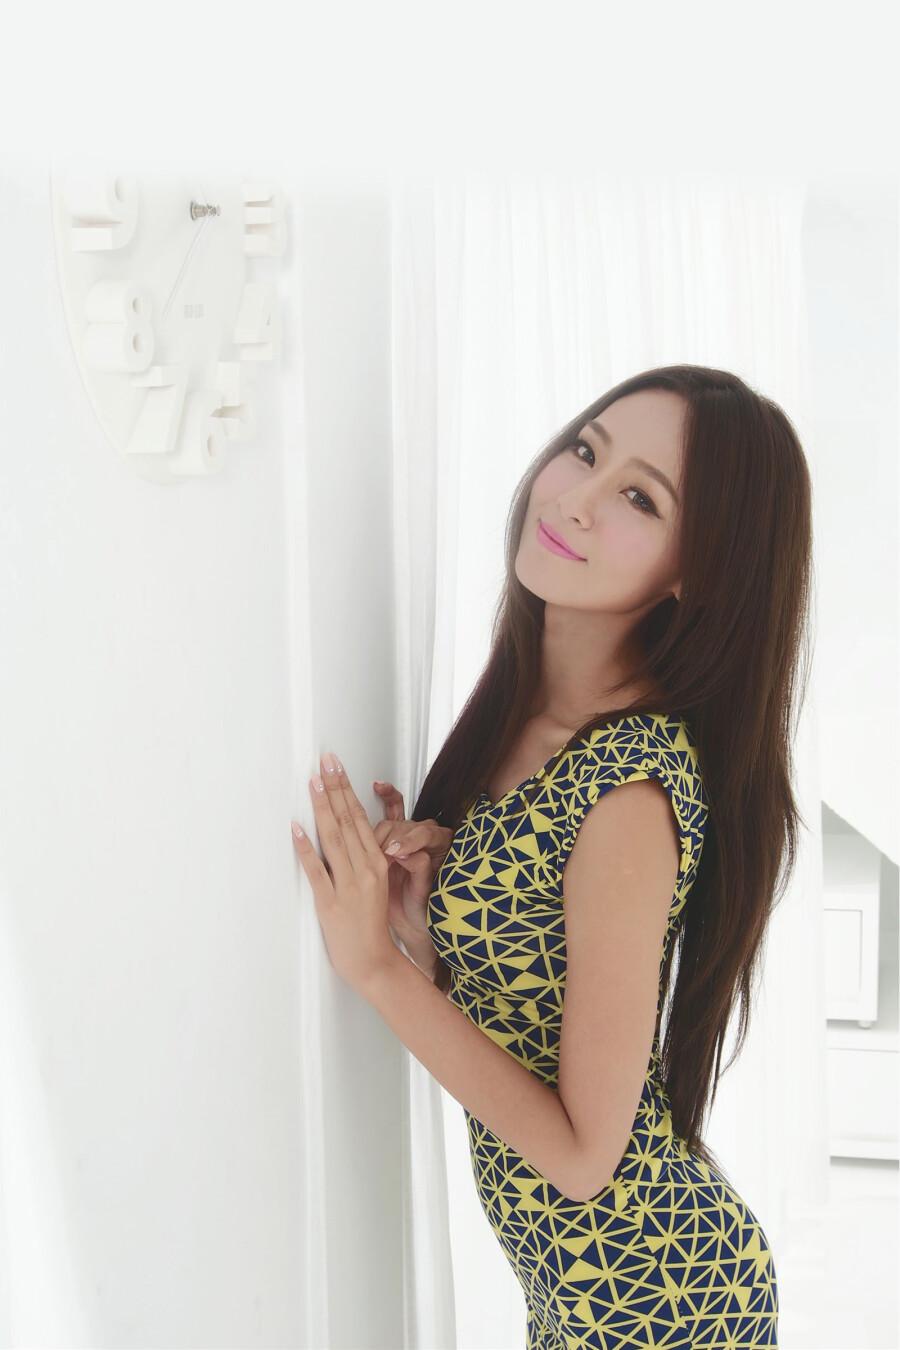 【时尚性感欣赏篇】成熟女人艳如桃……第26辑 - 浪漫人生 - .